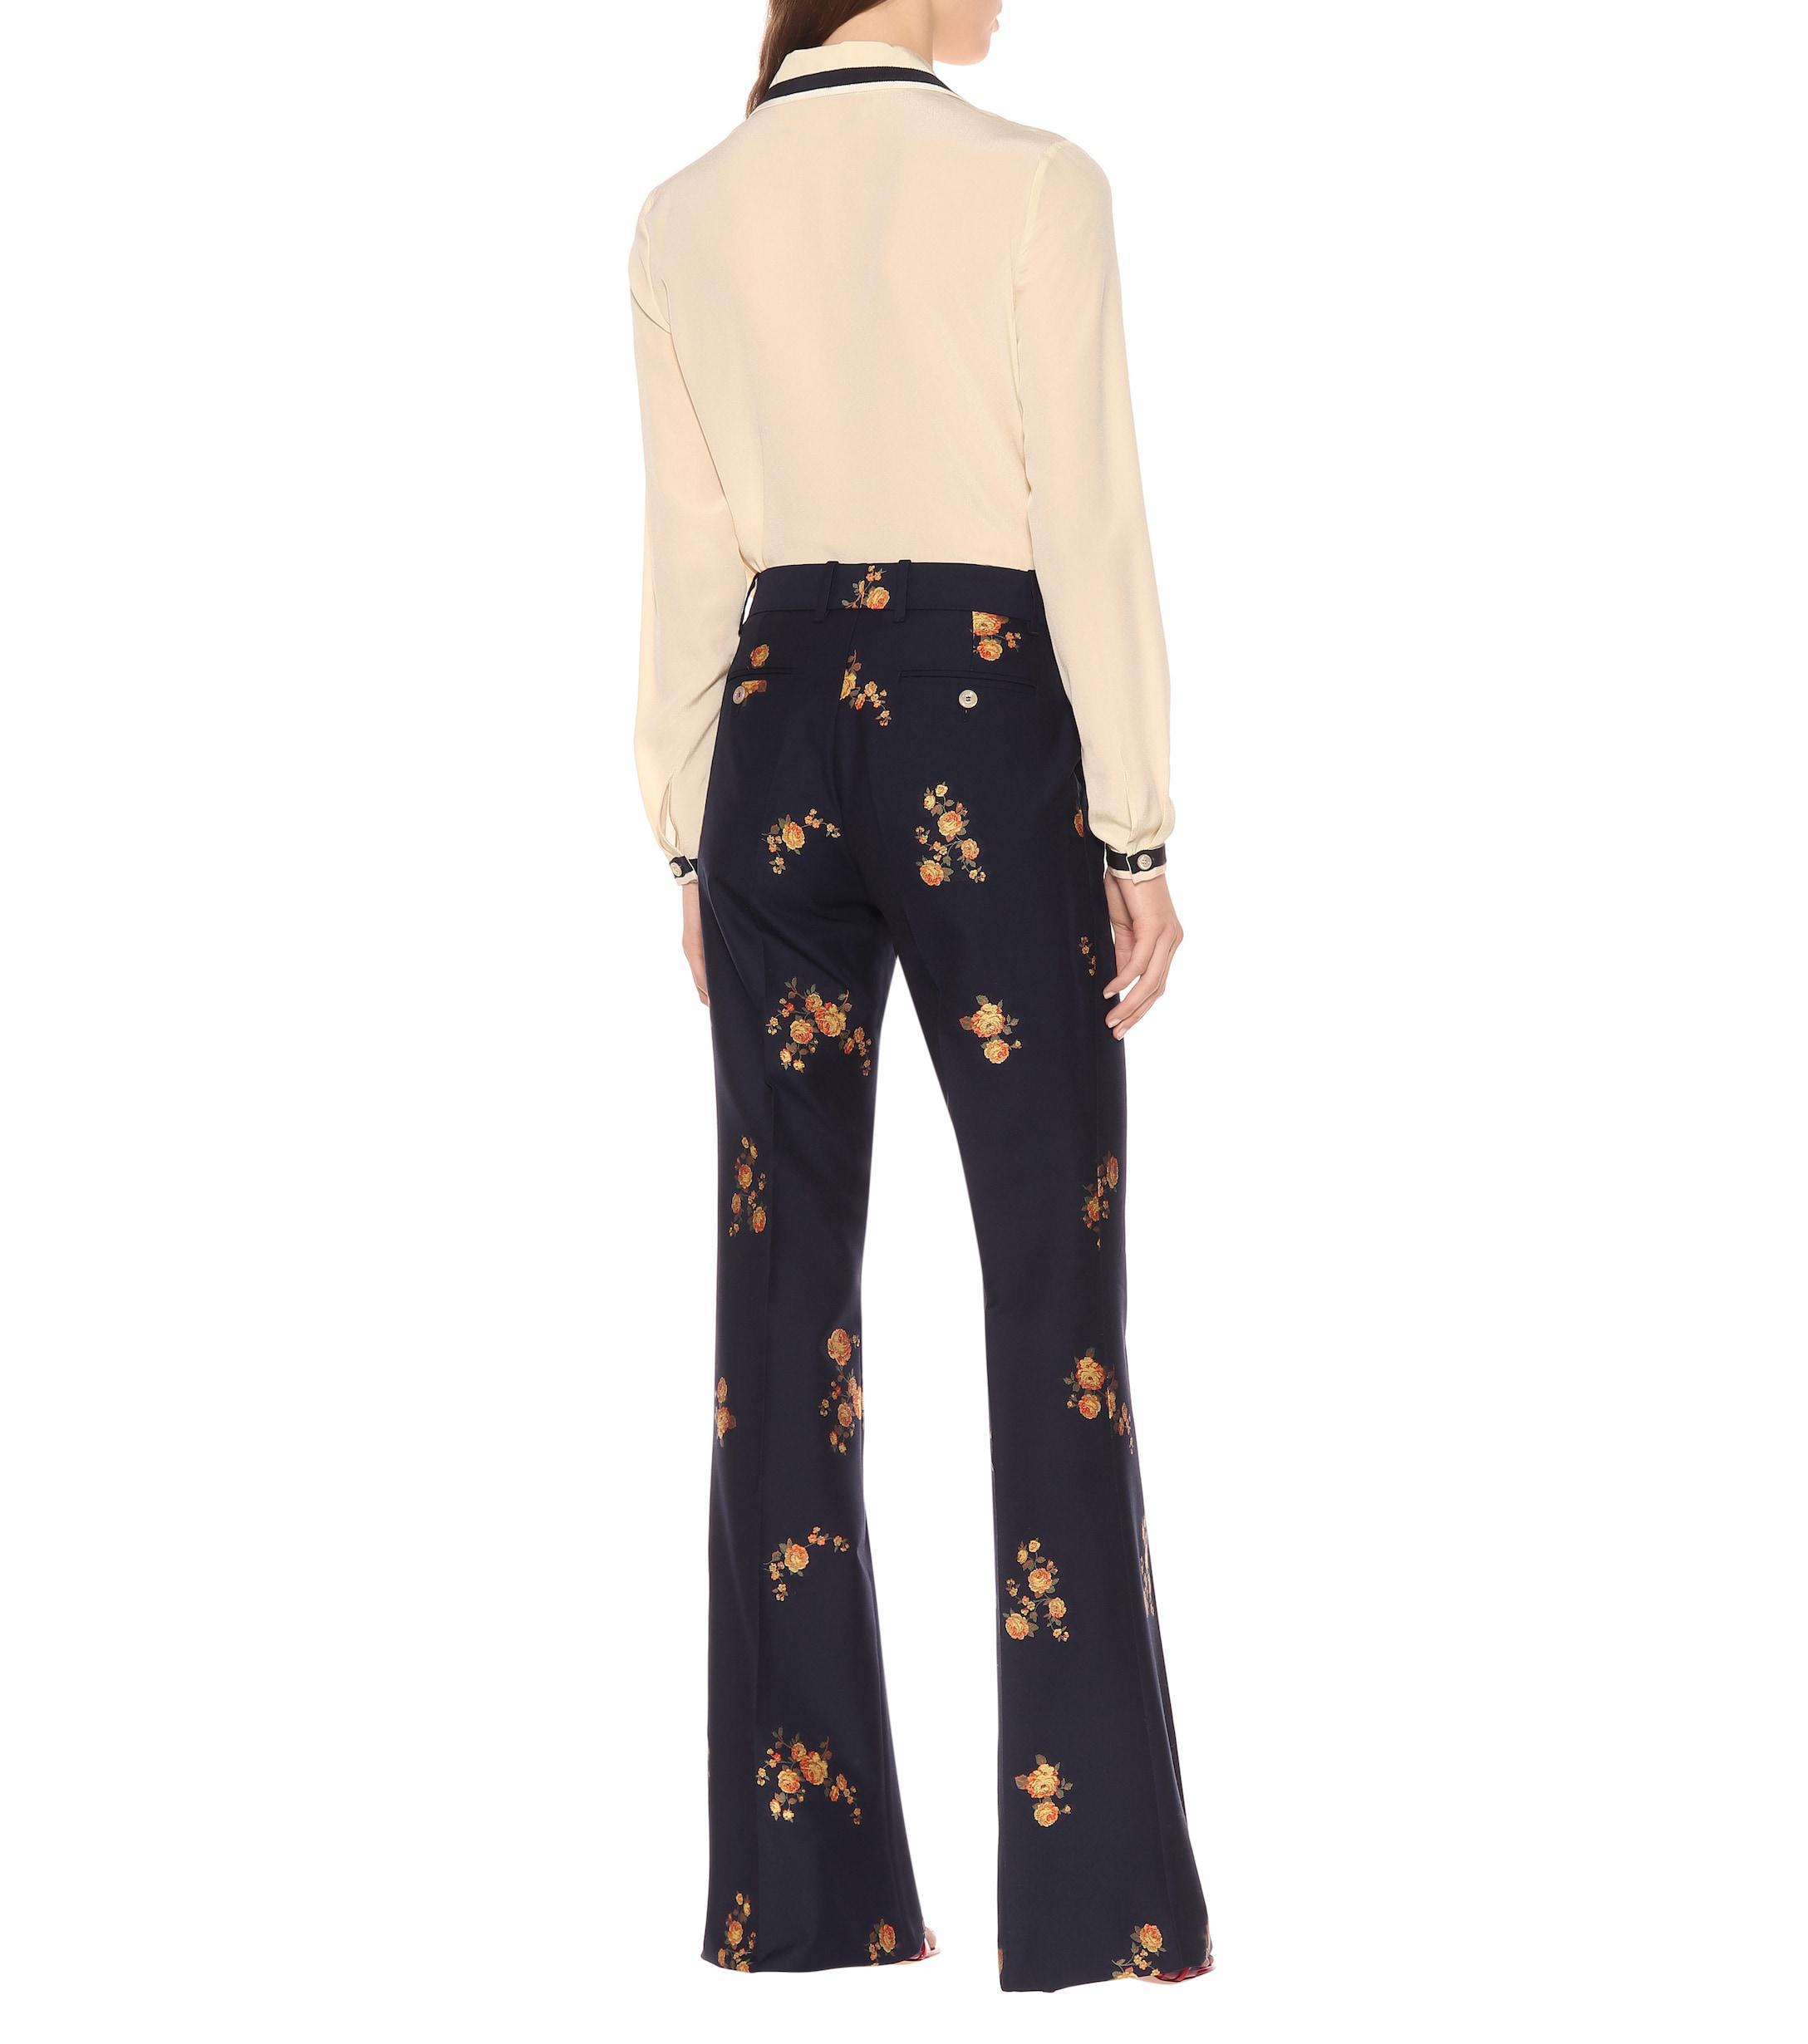 3a5d894fa Gucci - Blue Pantalones de fil coupé floral - Lyst. Ver en pantalla completa